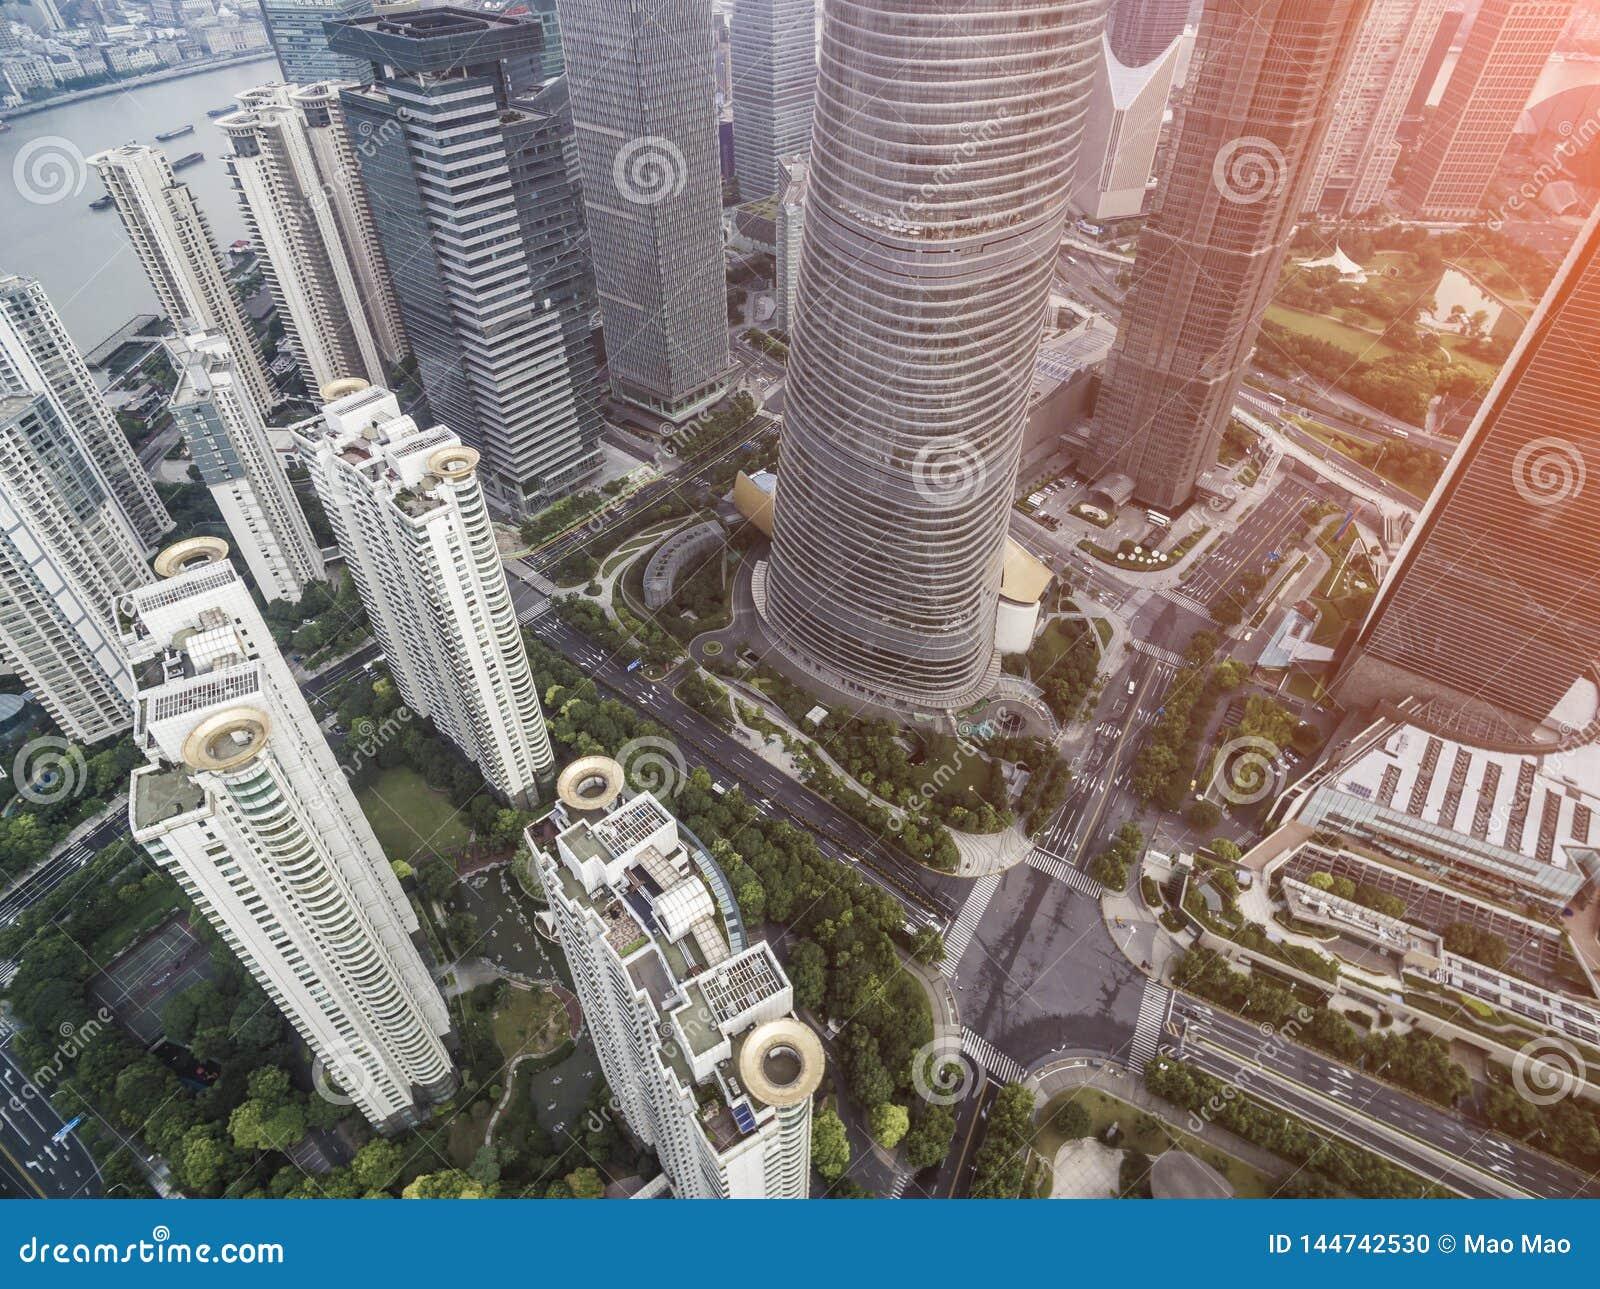 Hoogste menings luchtfoto van vliegende hommel van een ontwikkelde stad van Shanghai met moderne wolkenkrabbers